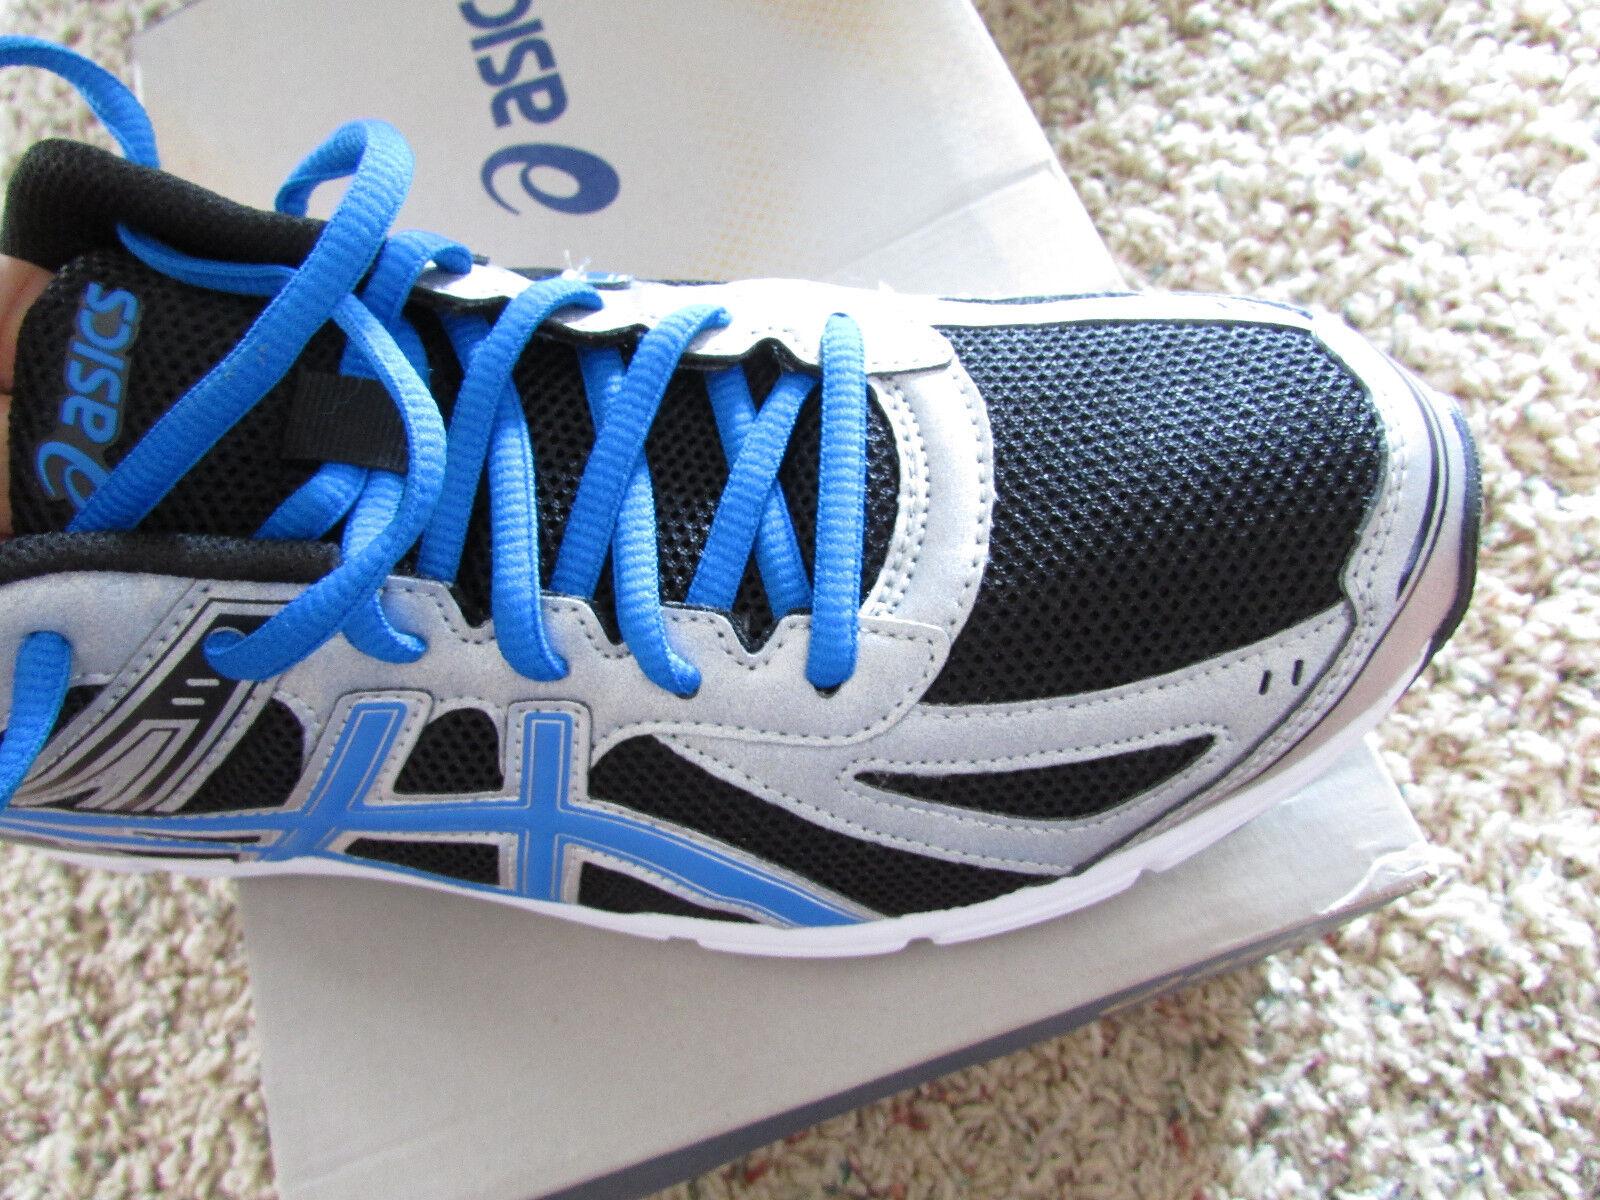 nouvel asic patriote 7 athlétique des chaussures de 10 course de 10 de t4d1n navire 9a981d